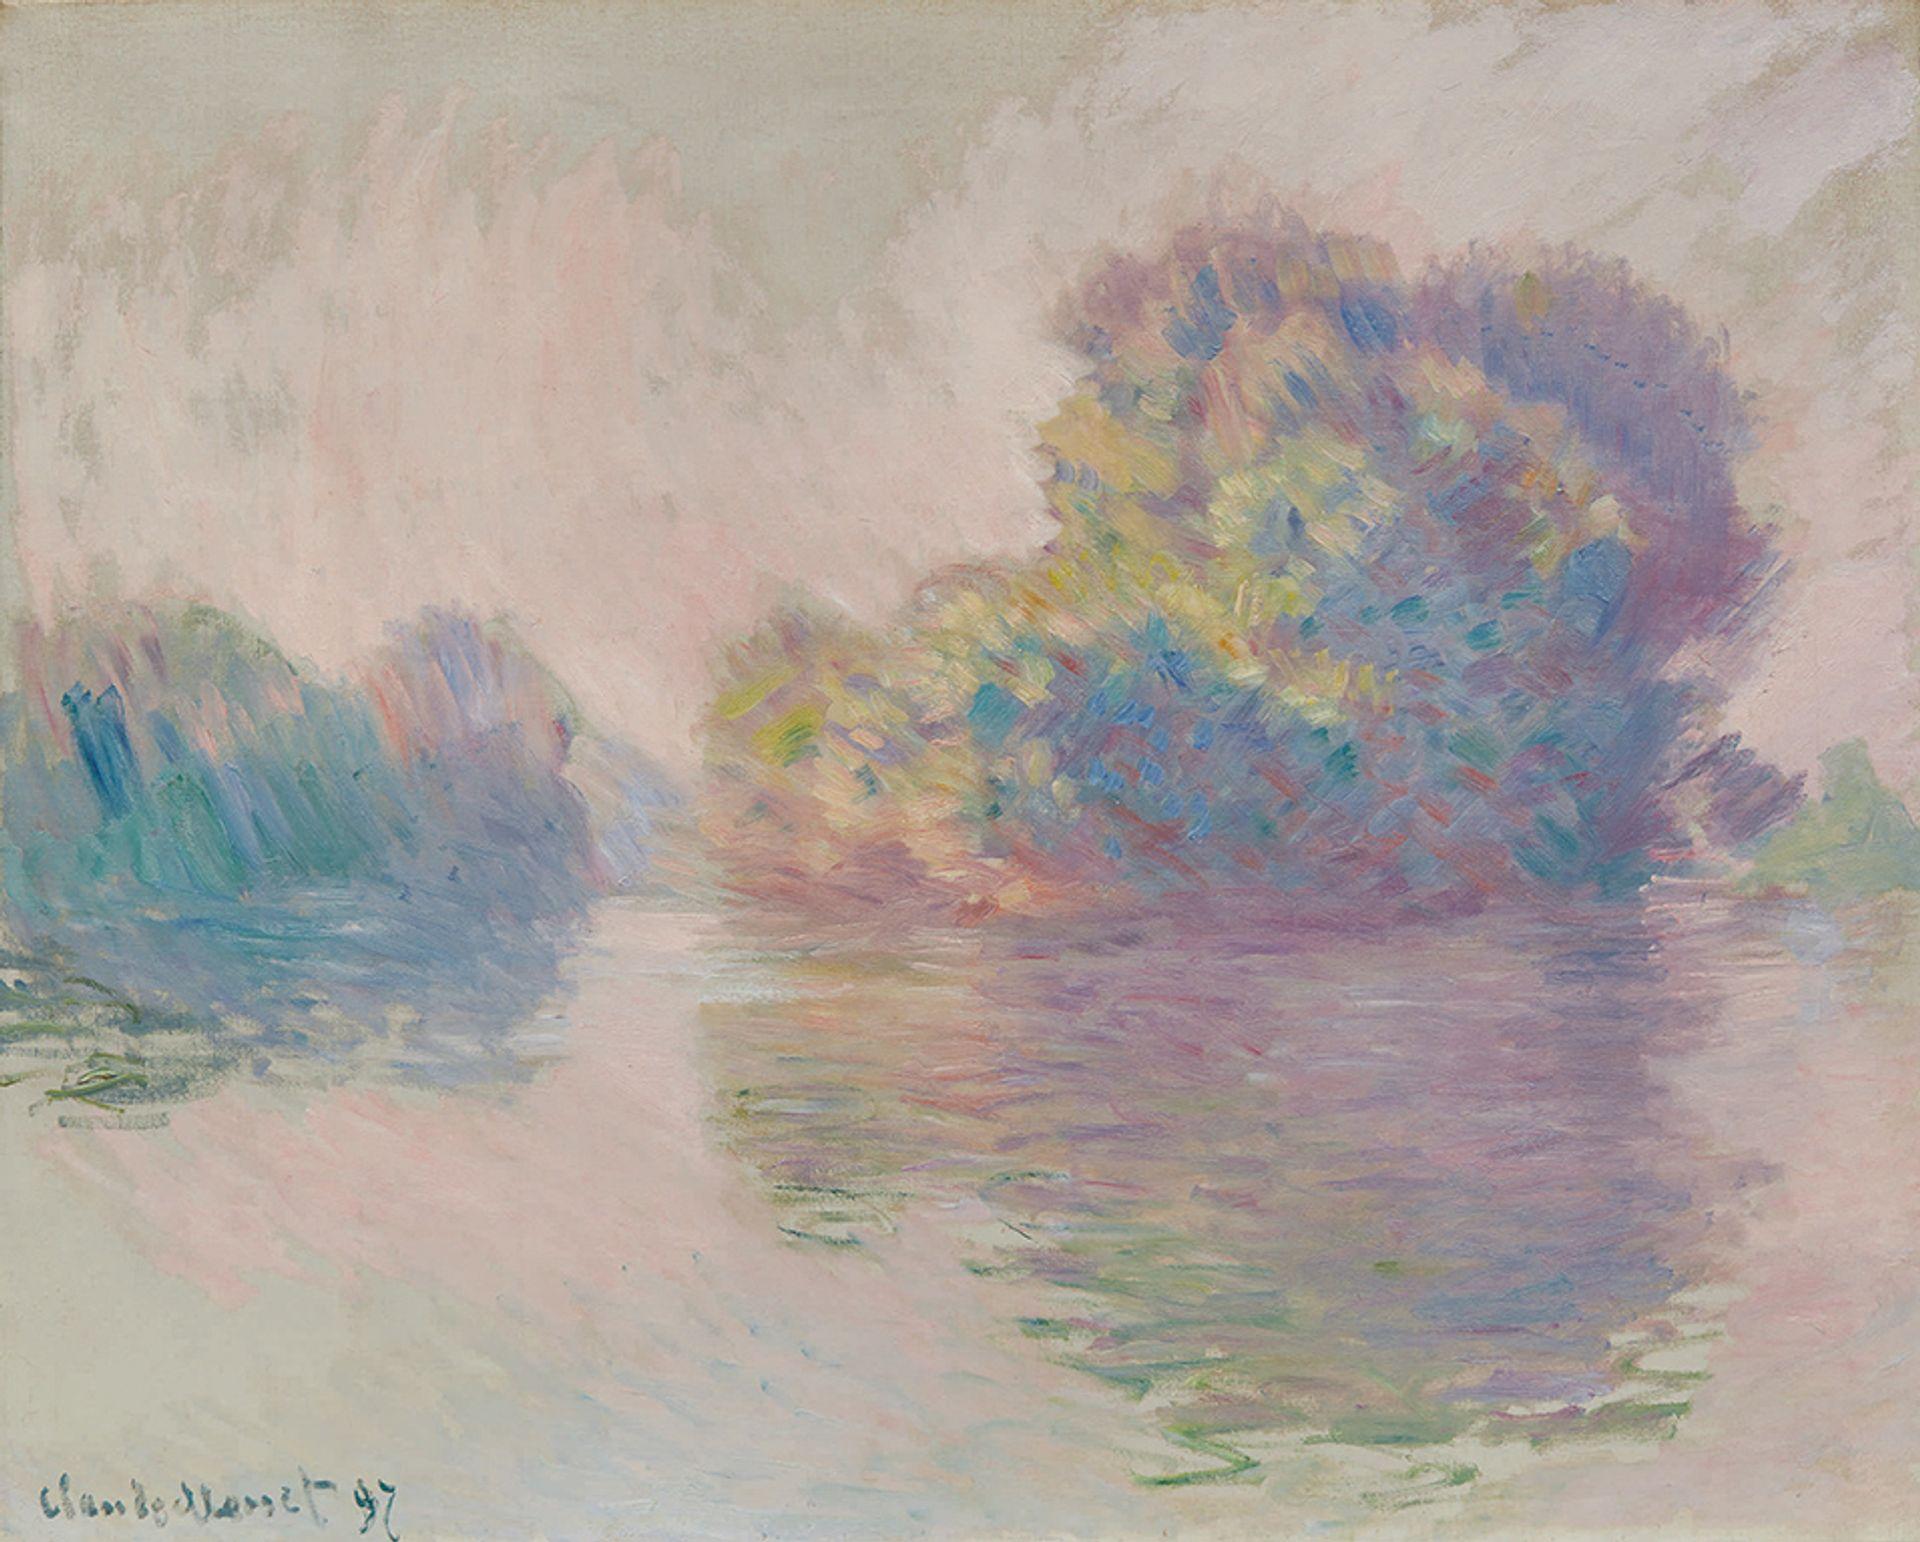 Claude Monet, Les Iles à Port-Villez, 1897 Courtesy of Sotheby's